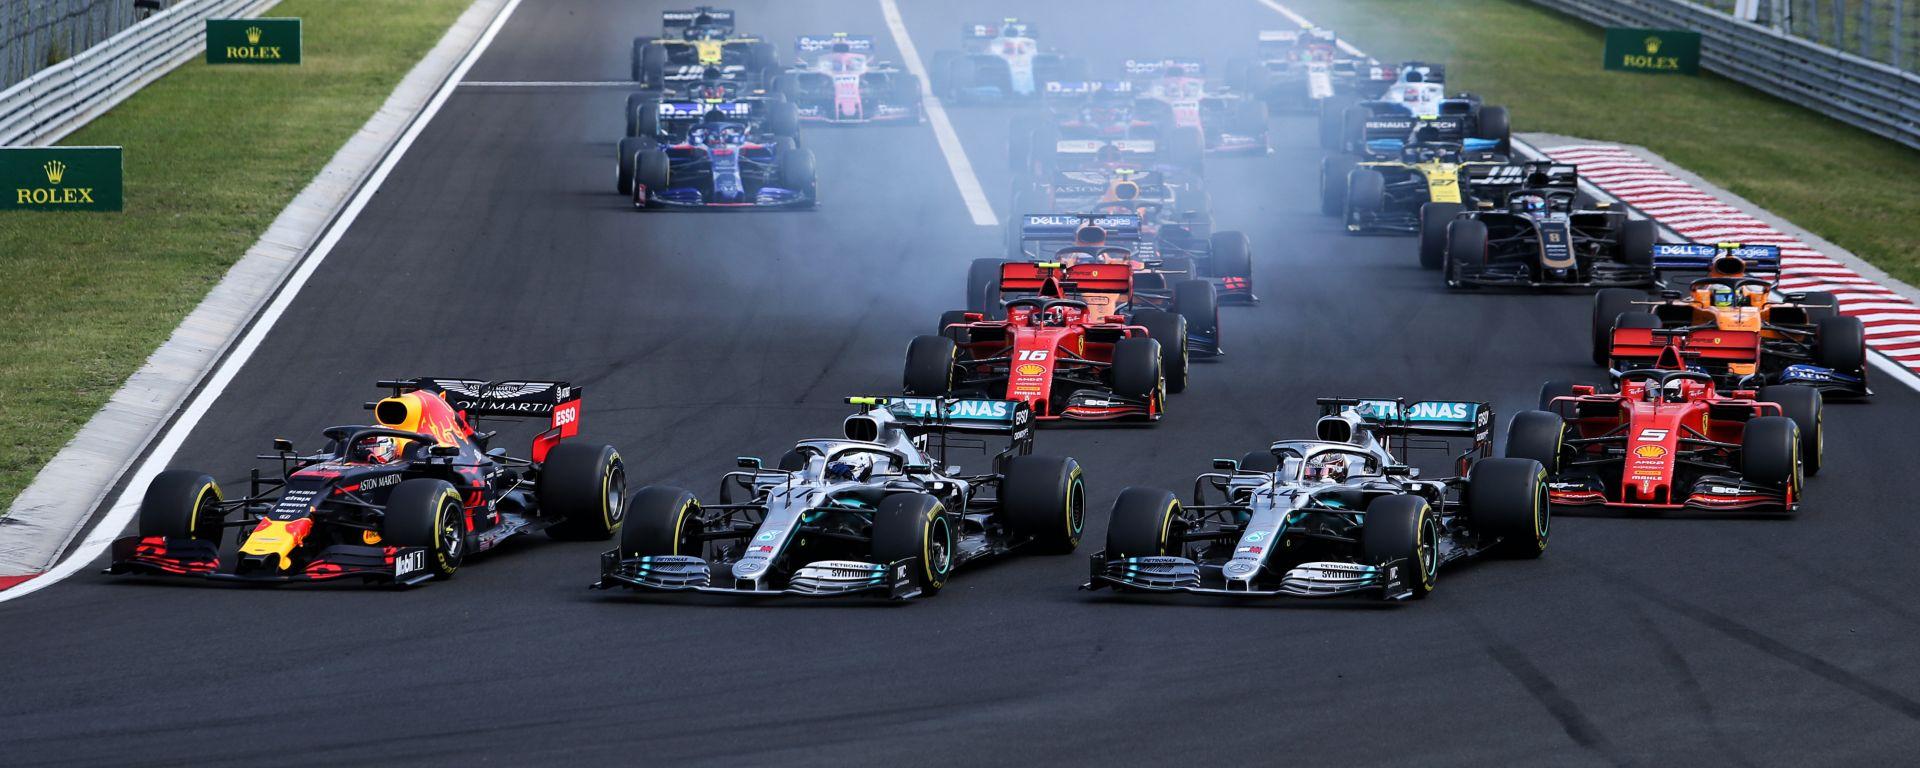 Il via del Gran Premio d'Ungheria 2019